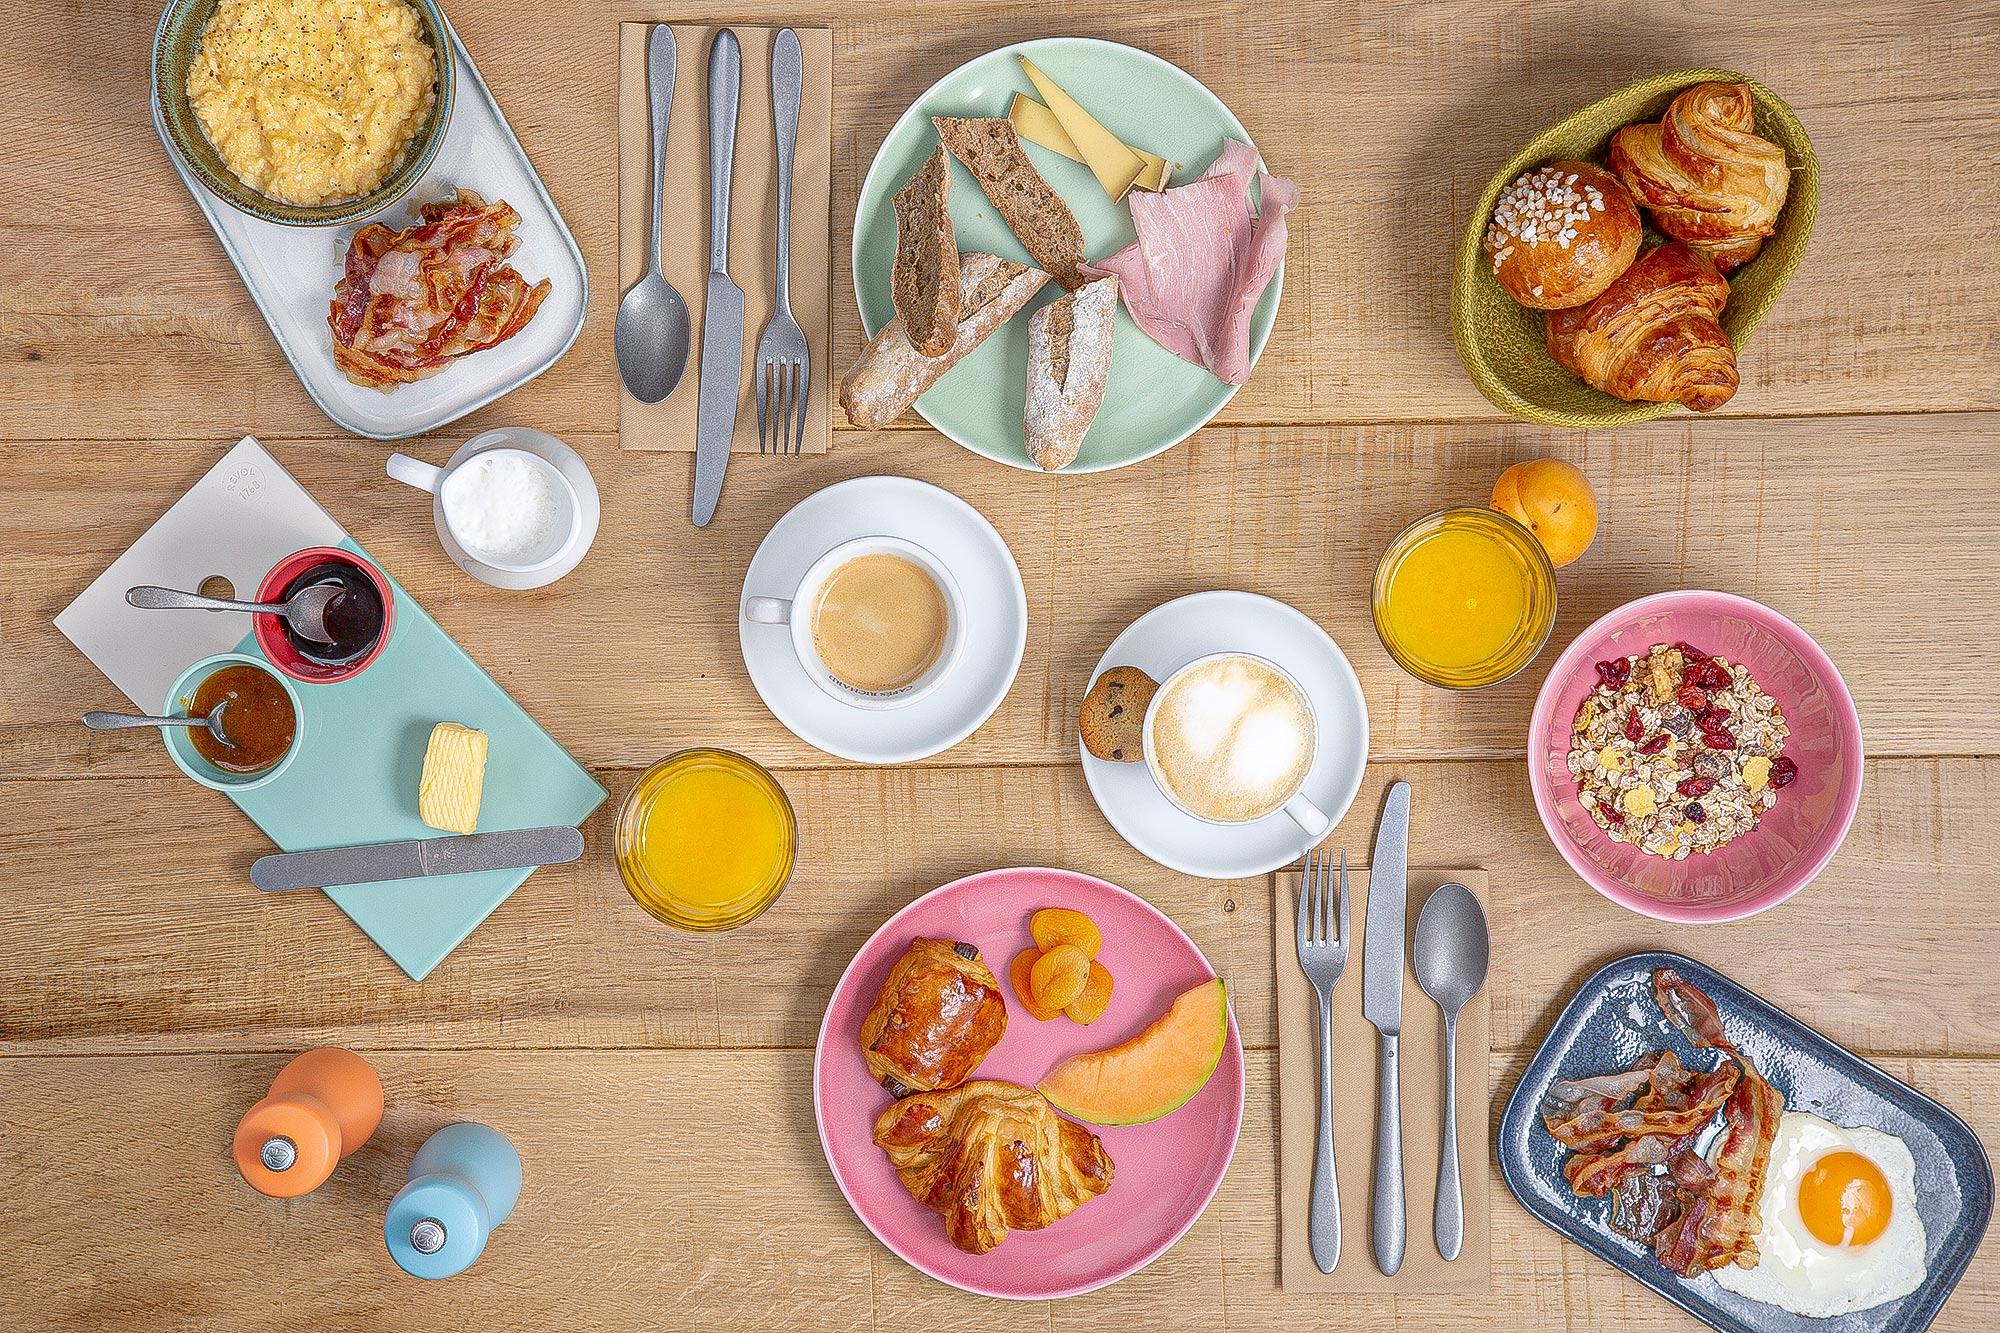 Fruehstuecksfotografie von Adrian Kilchherr, Food und Restaurantfotograf Schweiz Deutschland Oesterreich Suedtirol Weltweit